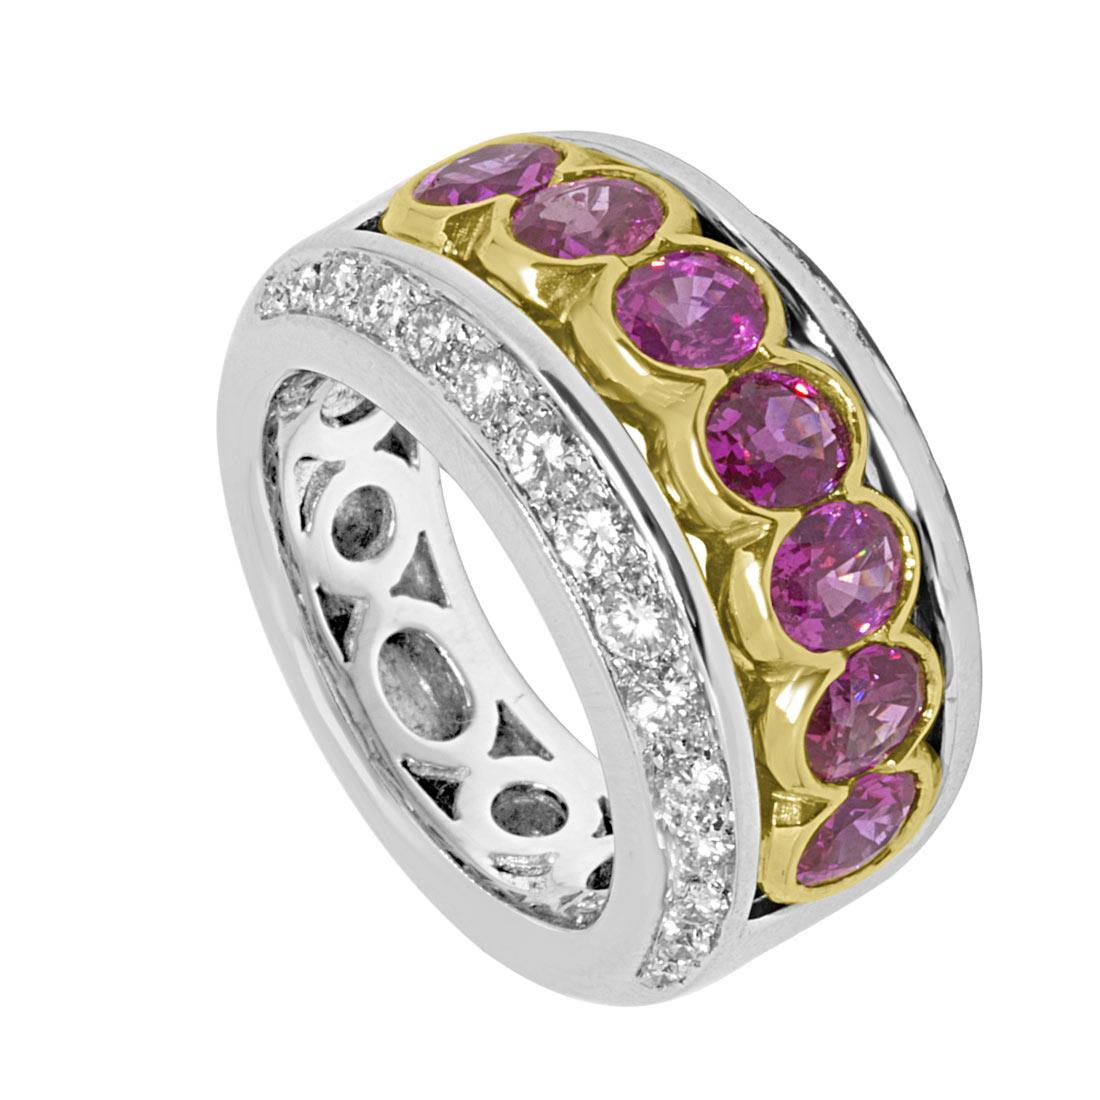 Anello design in oro bianco e giallo con diamanti e zaffiri rosa mis 13 - ORO&CO